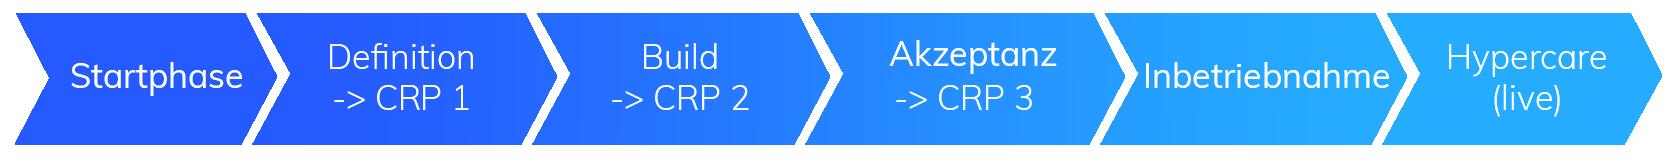 SureUse Zertifizierung | Prodware Projektmethodik